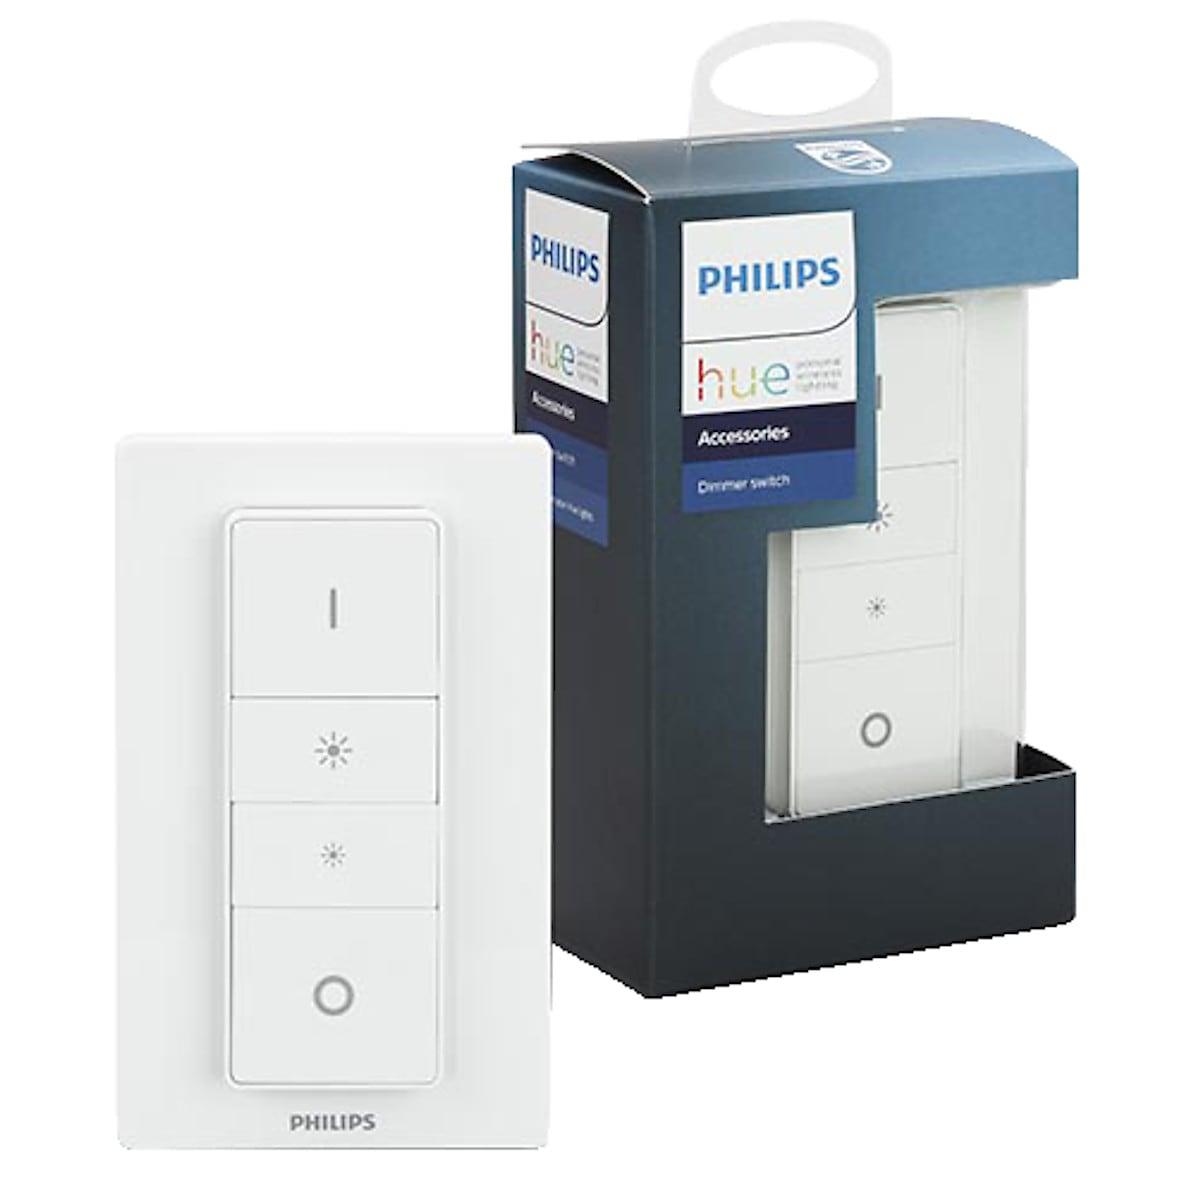 Philips Hue Dim trådlös dimmer och fjärrkontroll